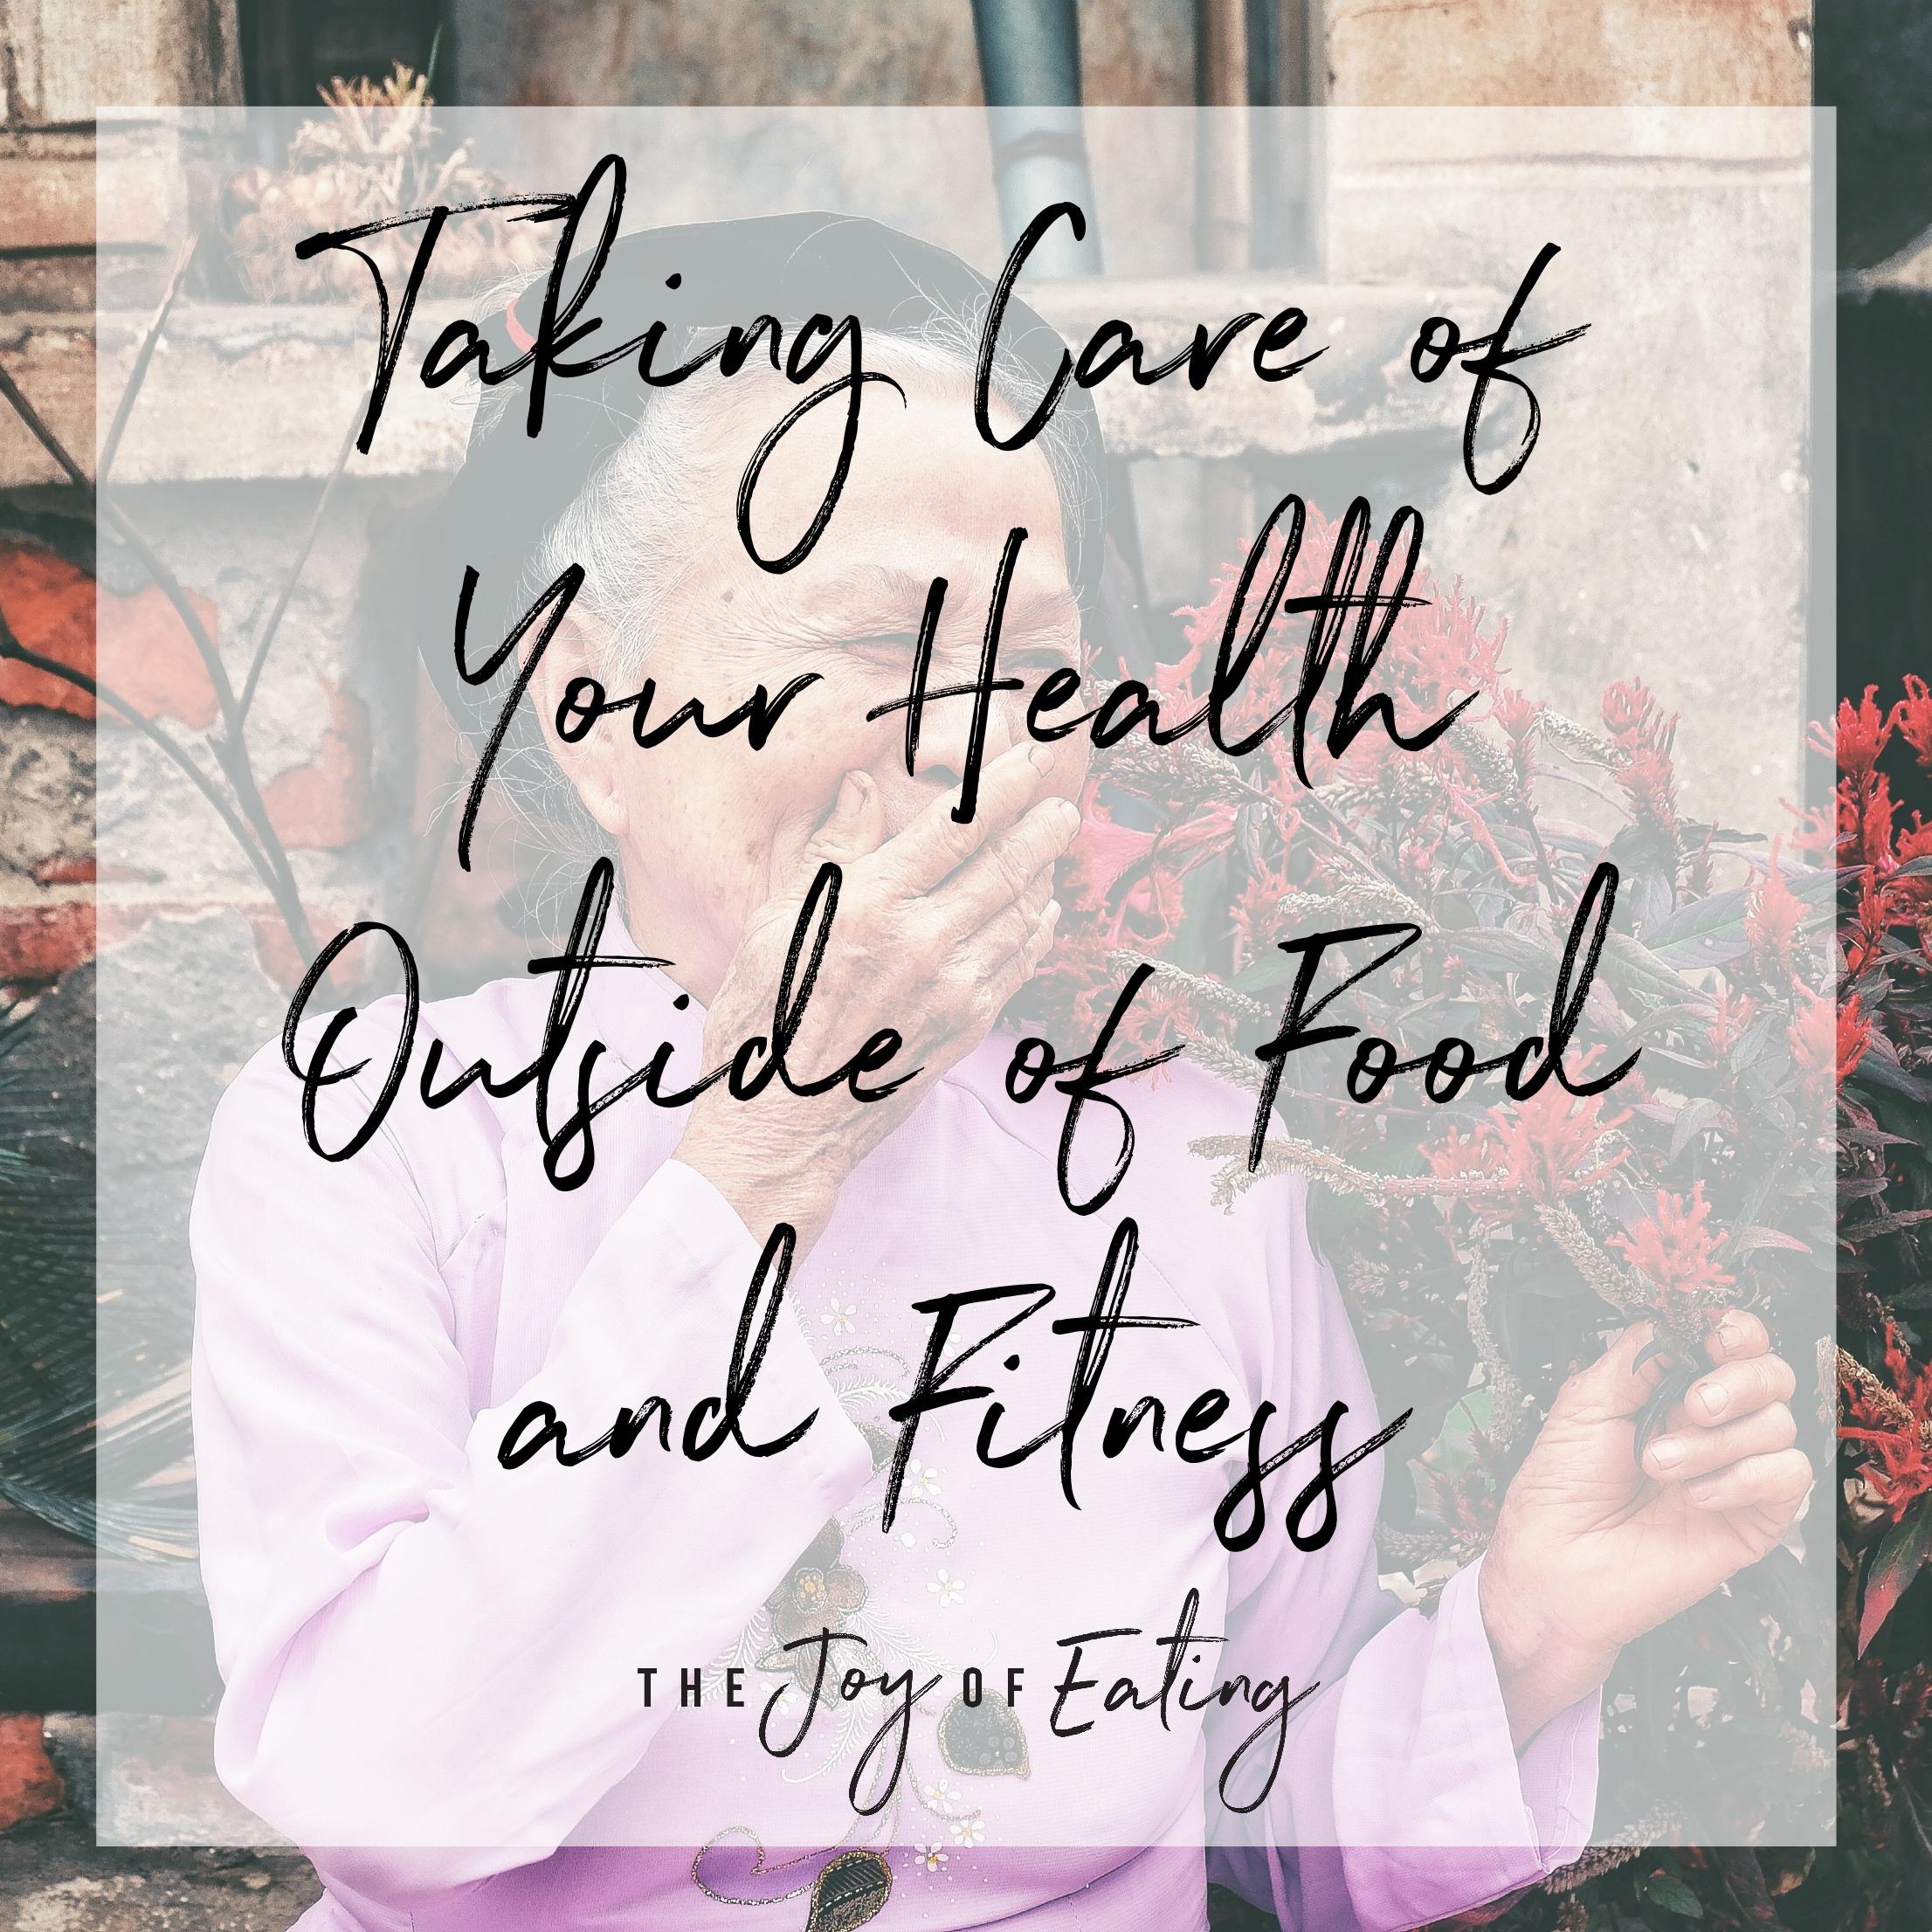 格雷医生,你可以在健康的健康中心,健康的健康#######健康,健康的道德#